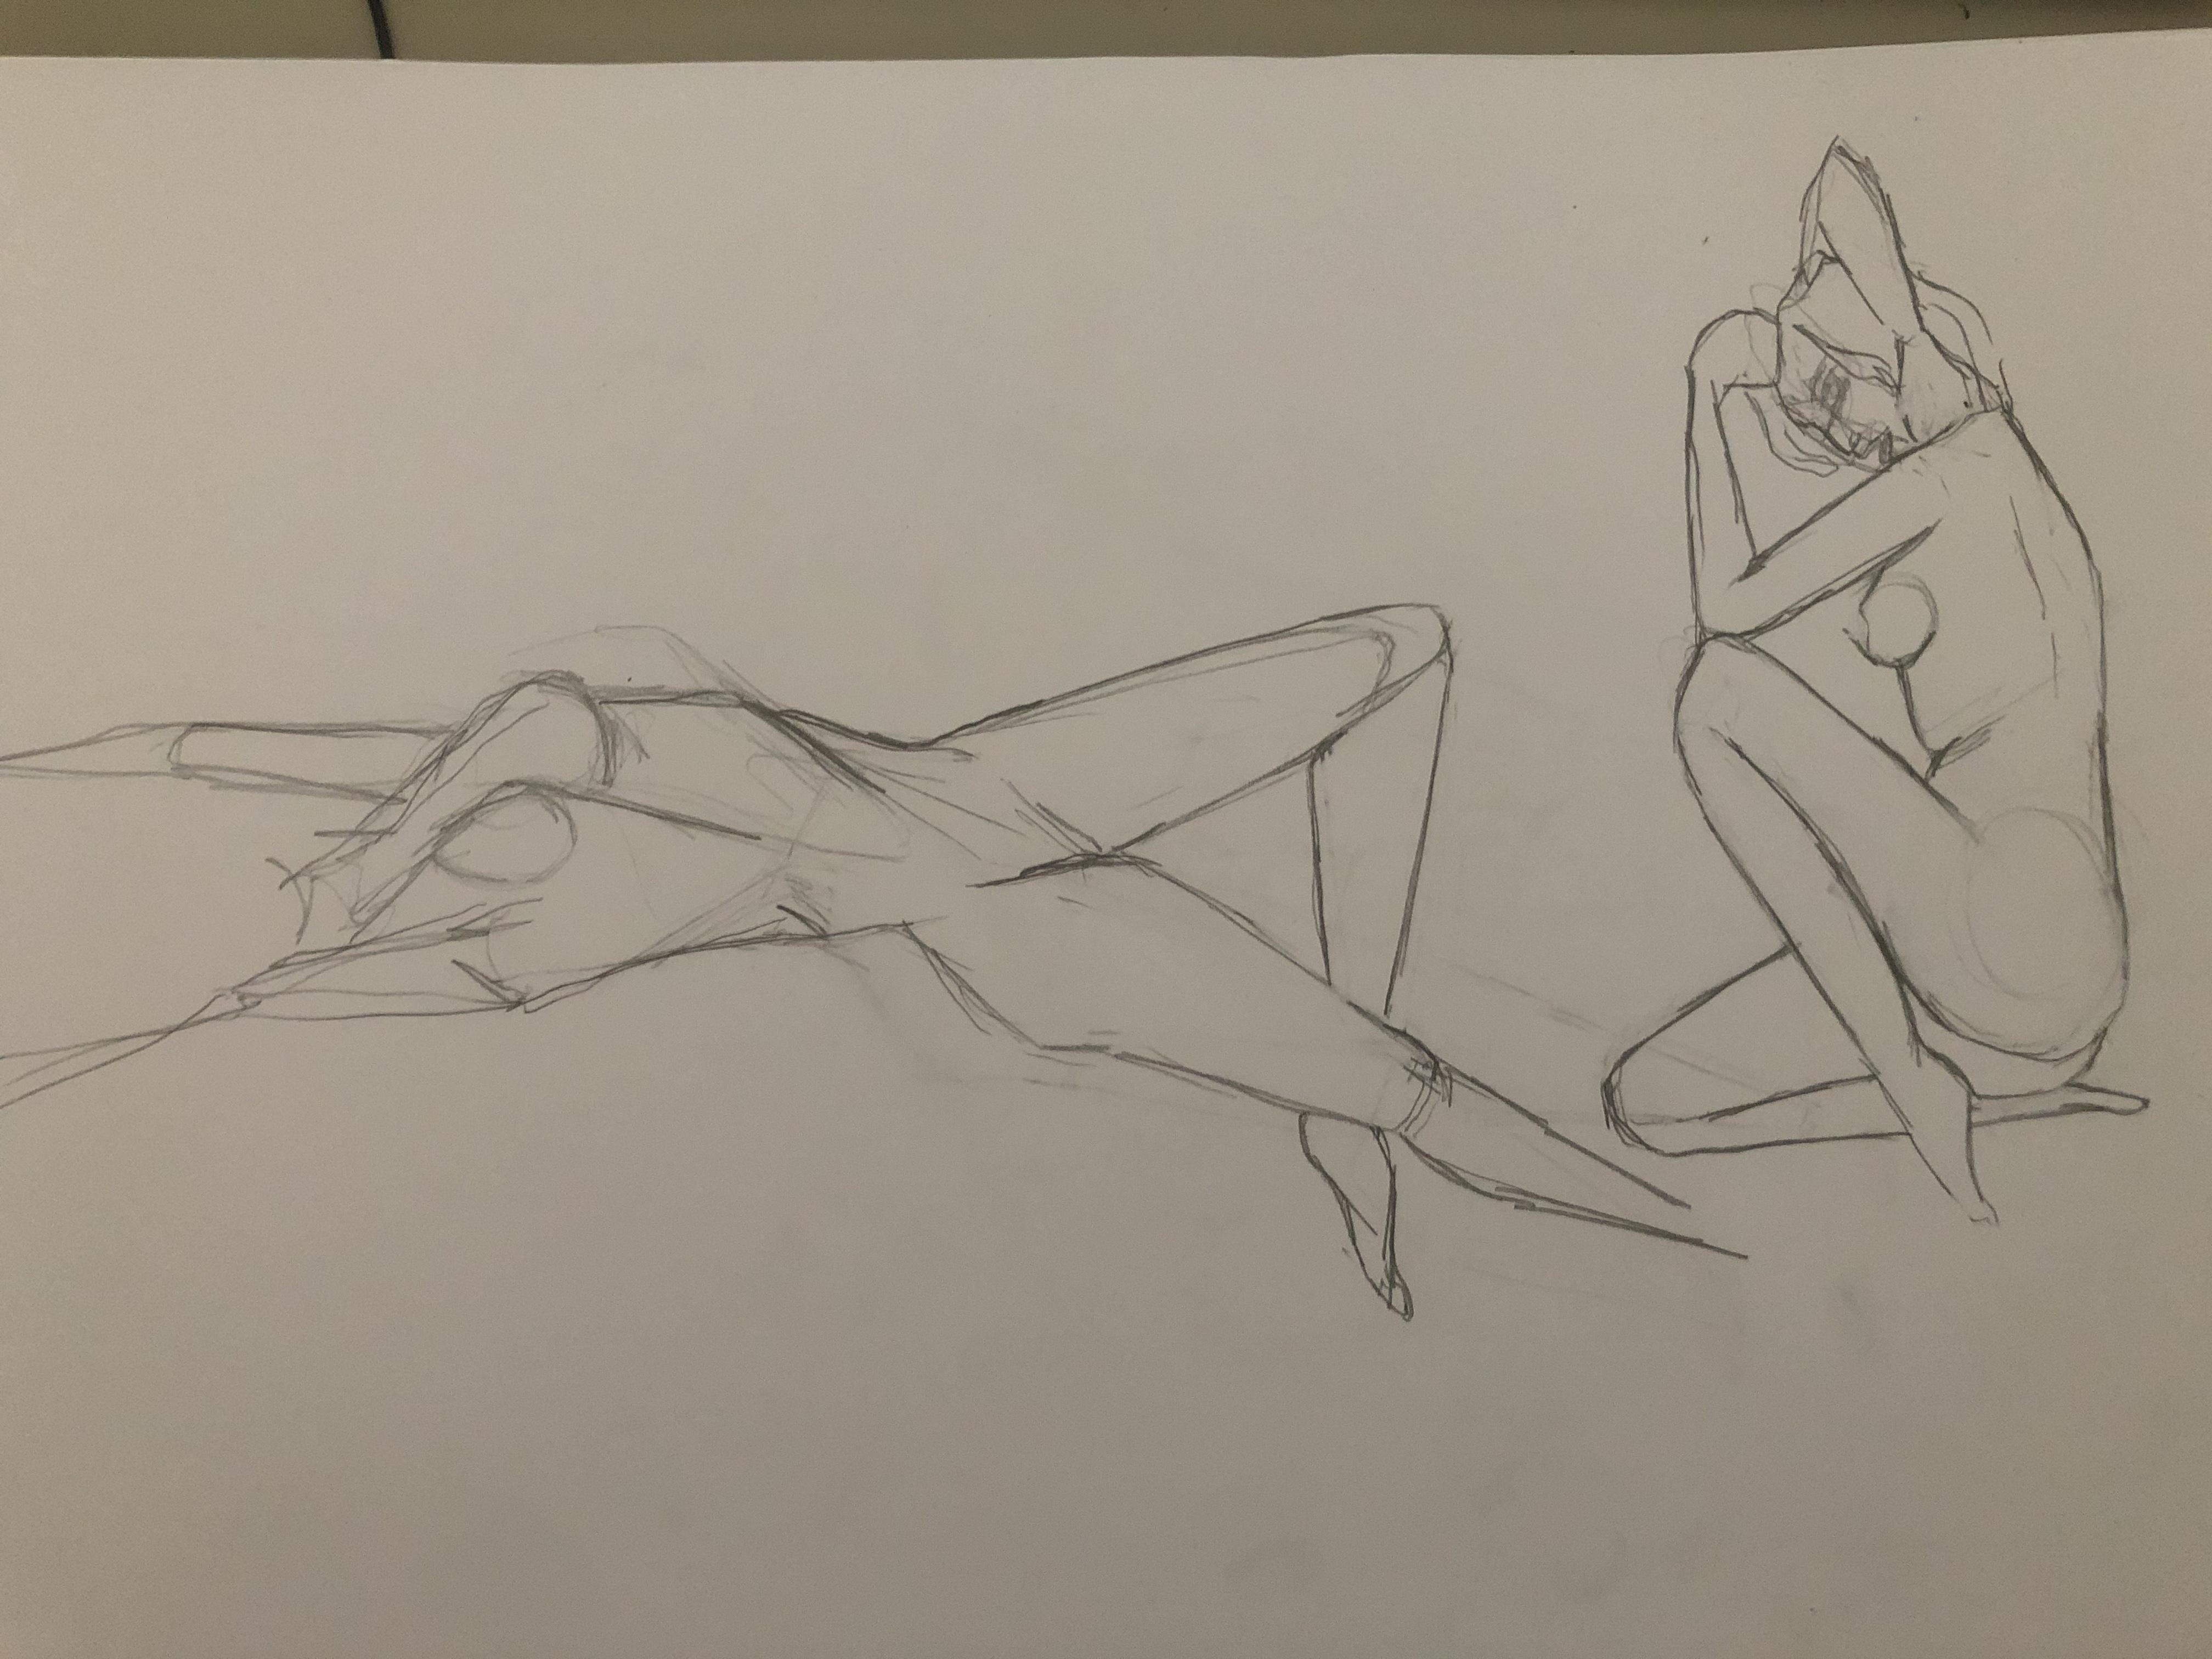 Esquisse rapide g�om�trique corps humain crayon de papier  cours de dessin